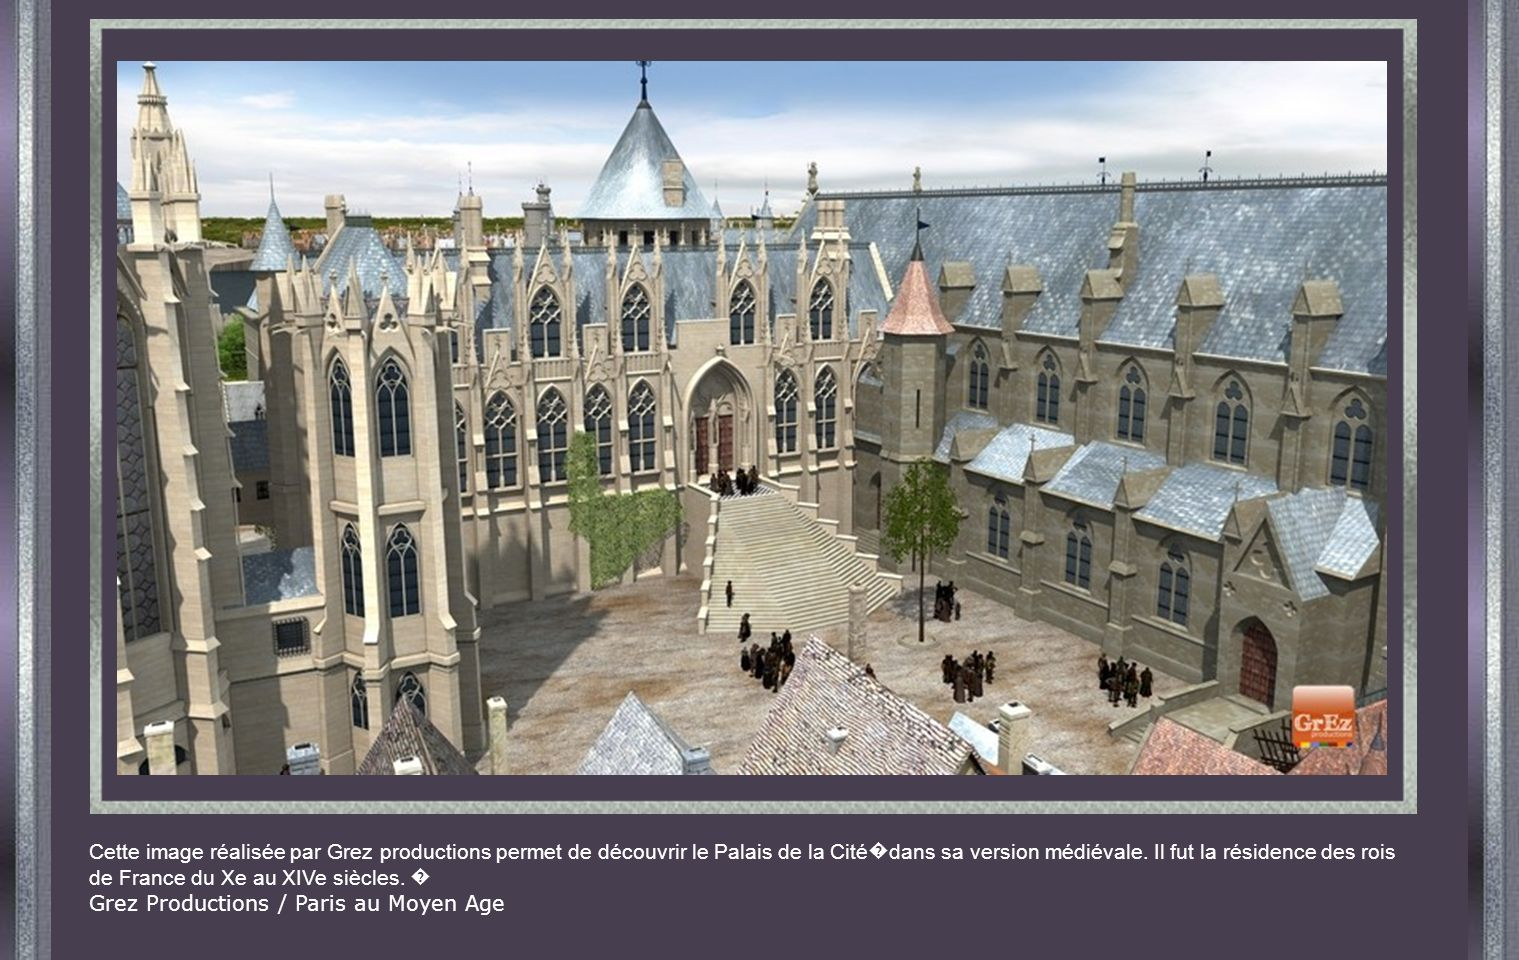 Cette image réalisée par Grez productions permet de découvrir le Palais de la Cité�dans sa version médiévale. Il fut la résidence des rois de France du Xe au XIVe siècles. �